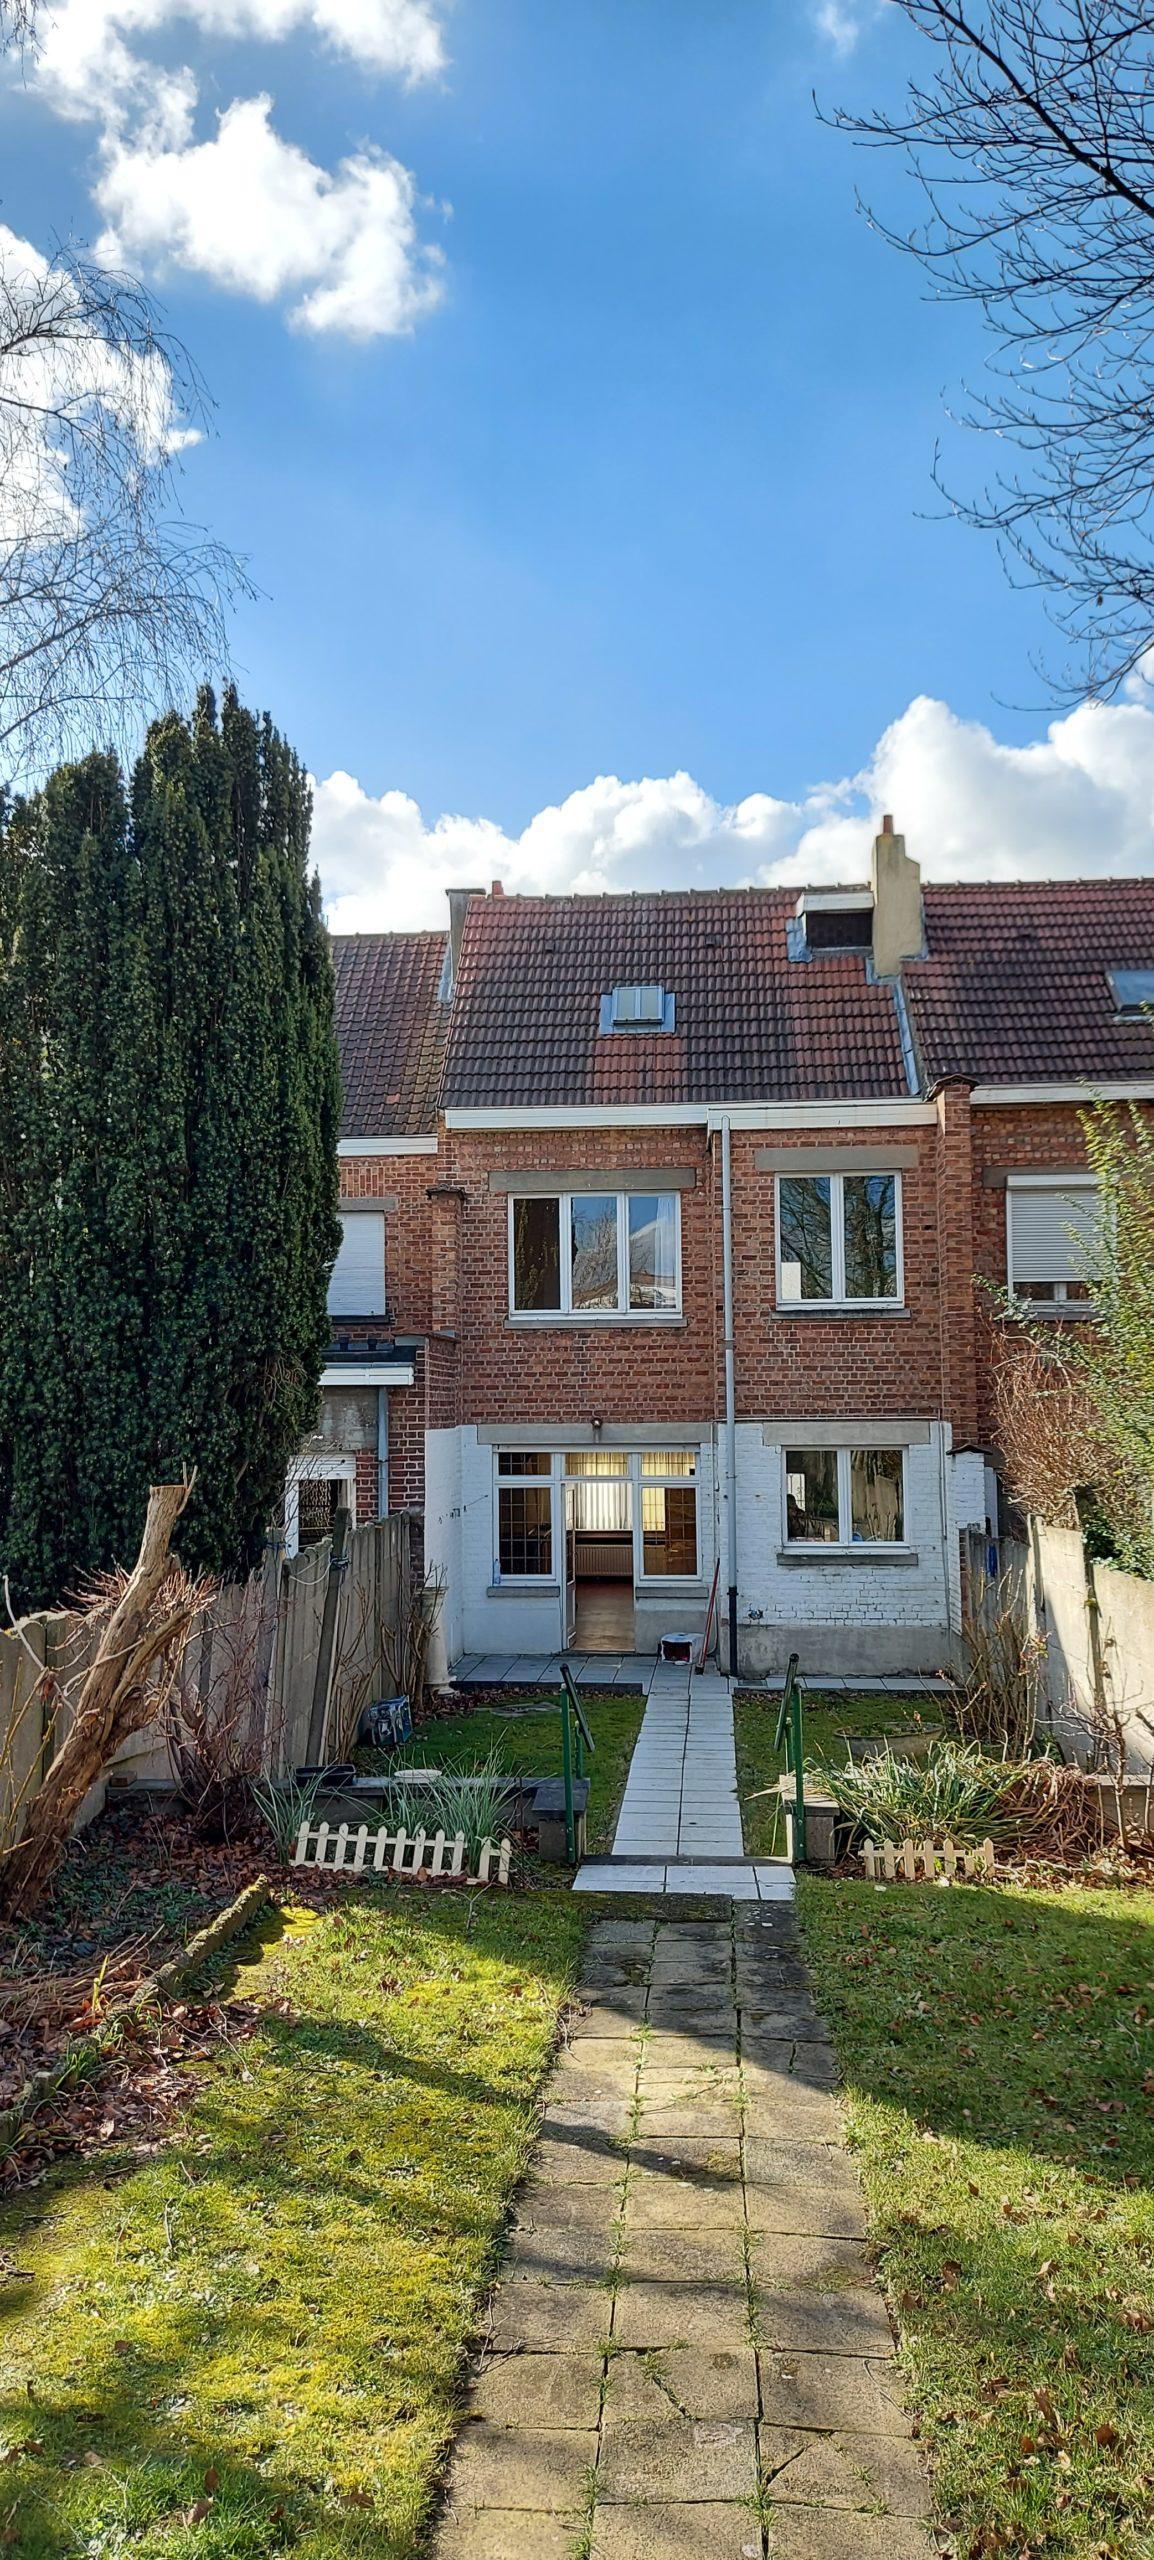 jolie maison  S/2 ares 3 chambres grenier aménageable avec grand jardin à rénover